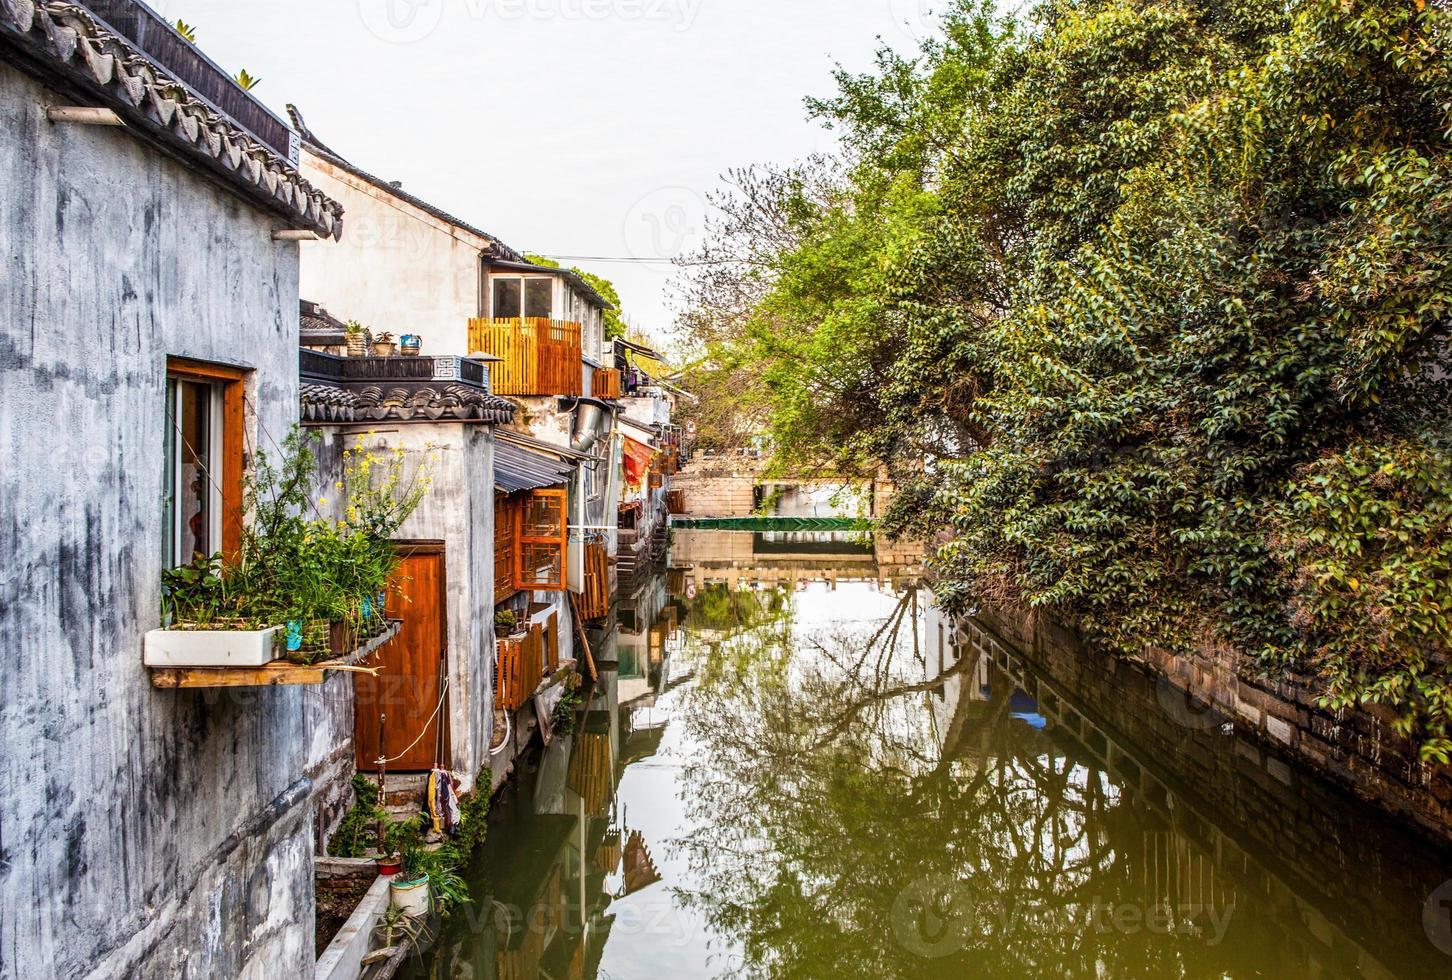 maisons folkloriques et canaux de suzhou photo